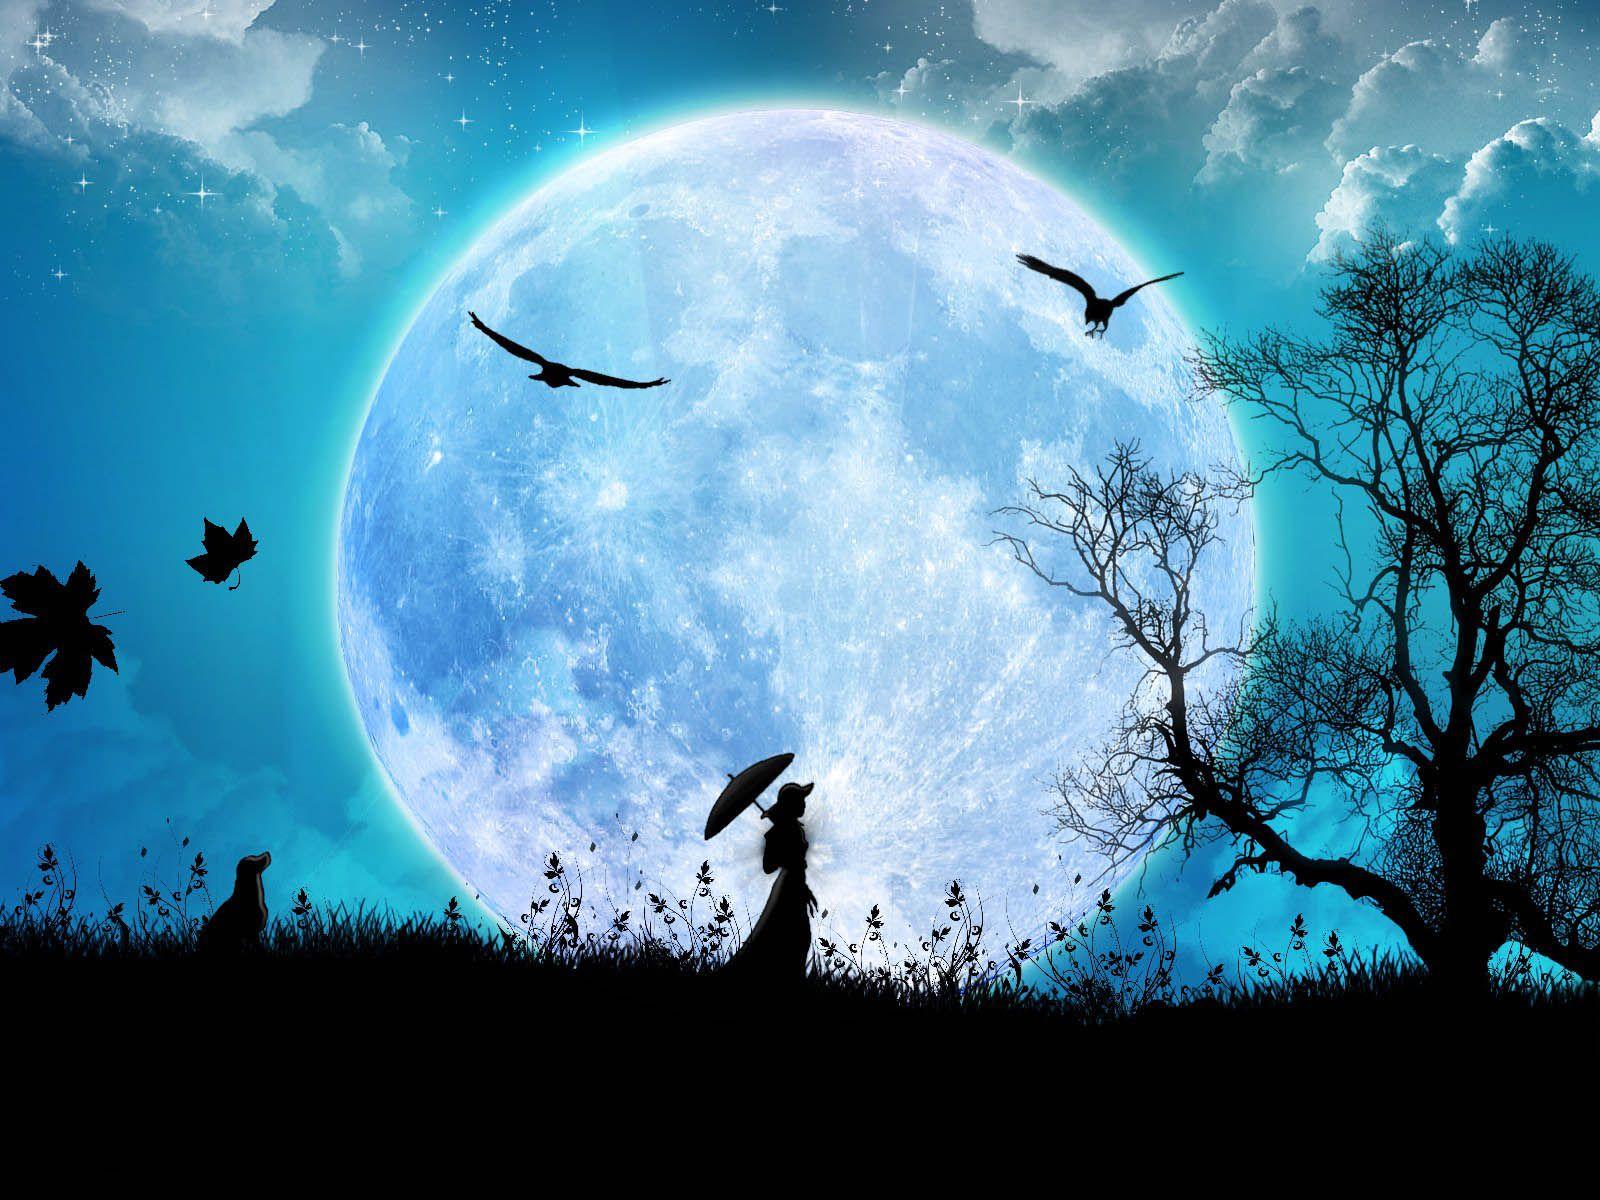 Creative+Arts+Wallpapers+09.jpg (1600×1200) Luna llena